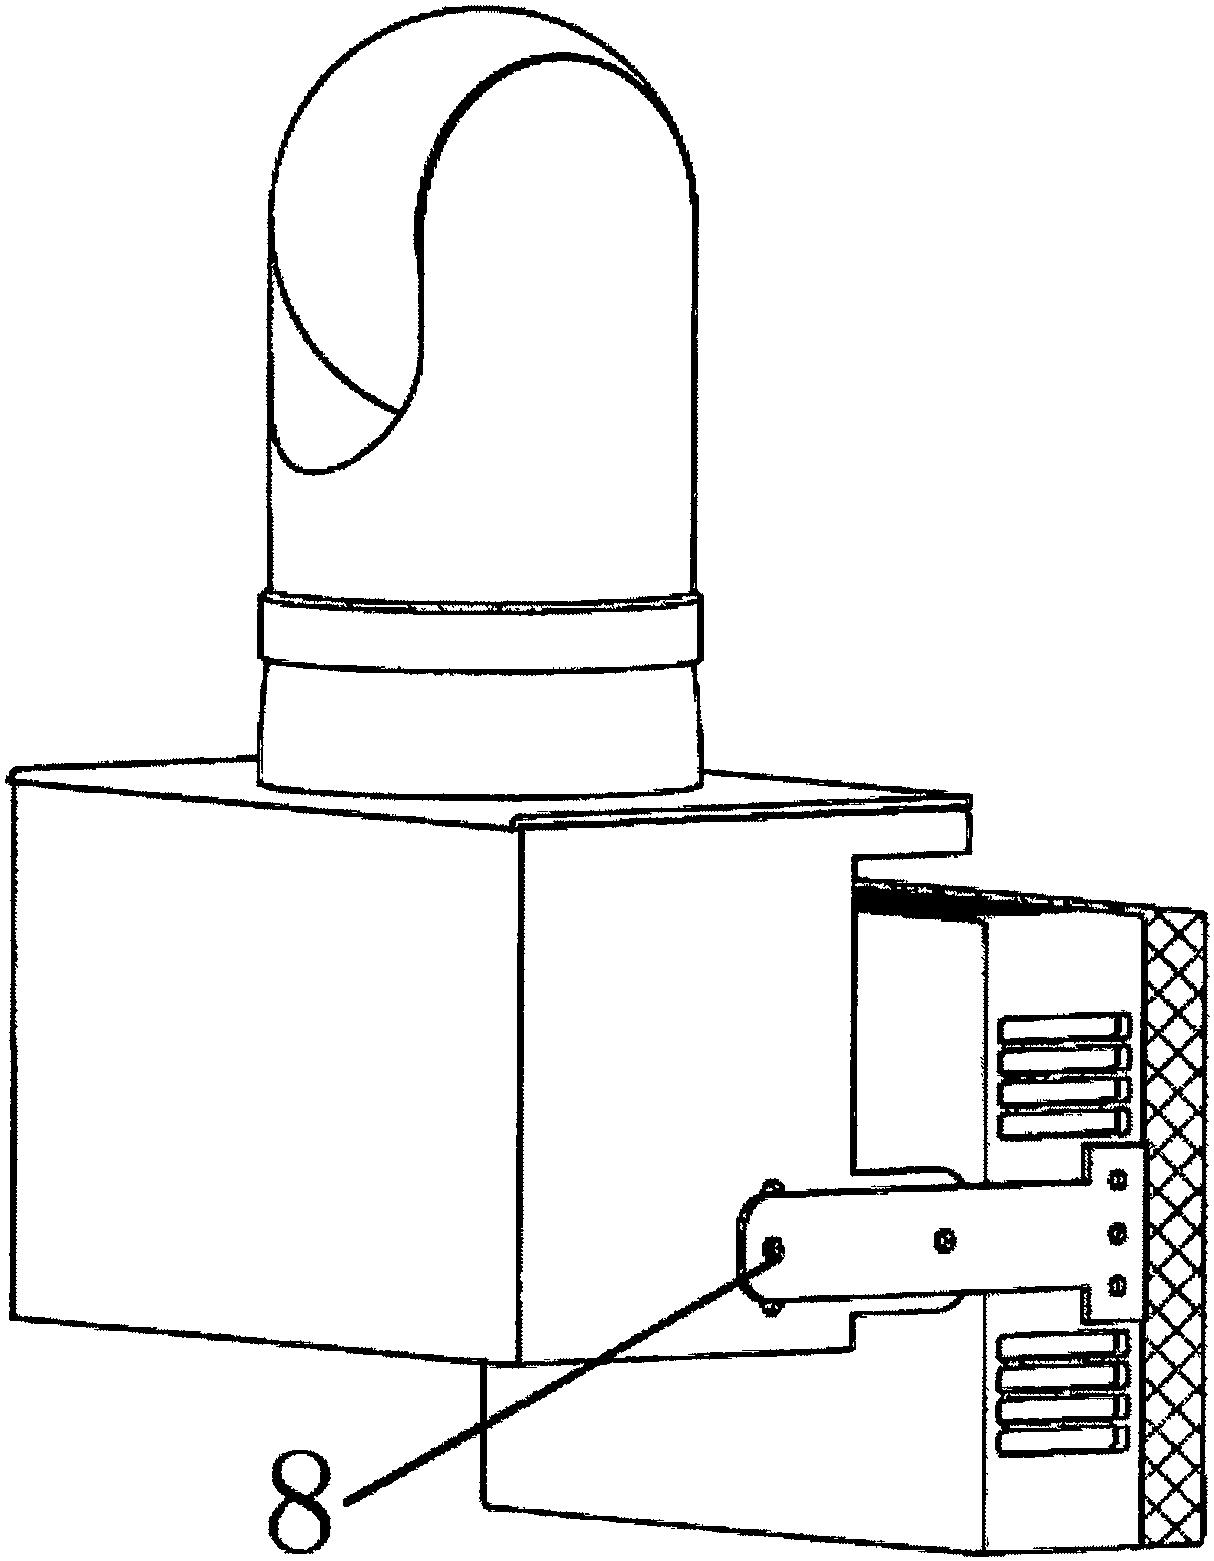 cn207067421u_一种雷达与光学联动的目标探测系统有效